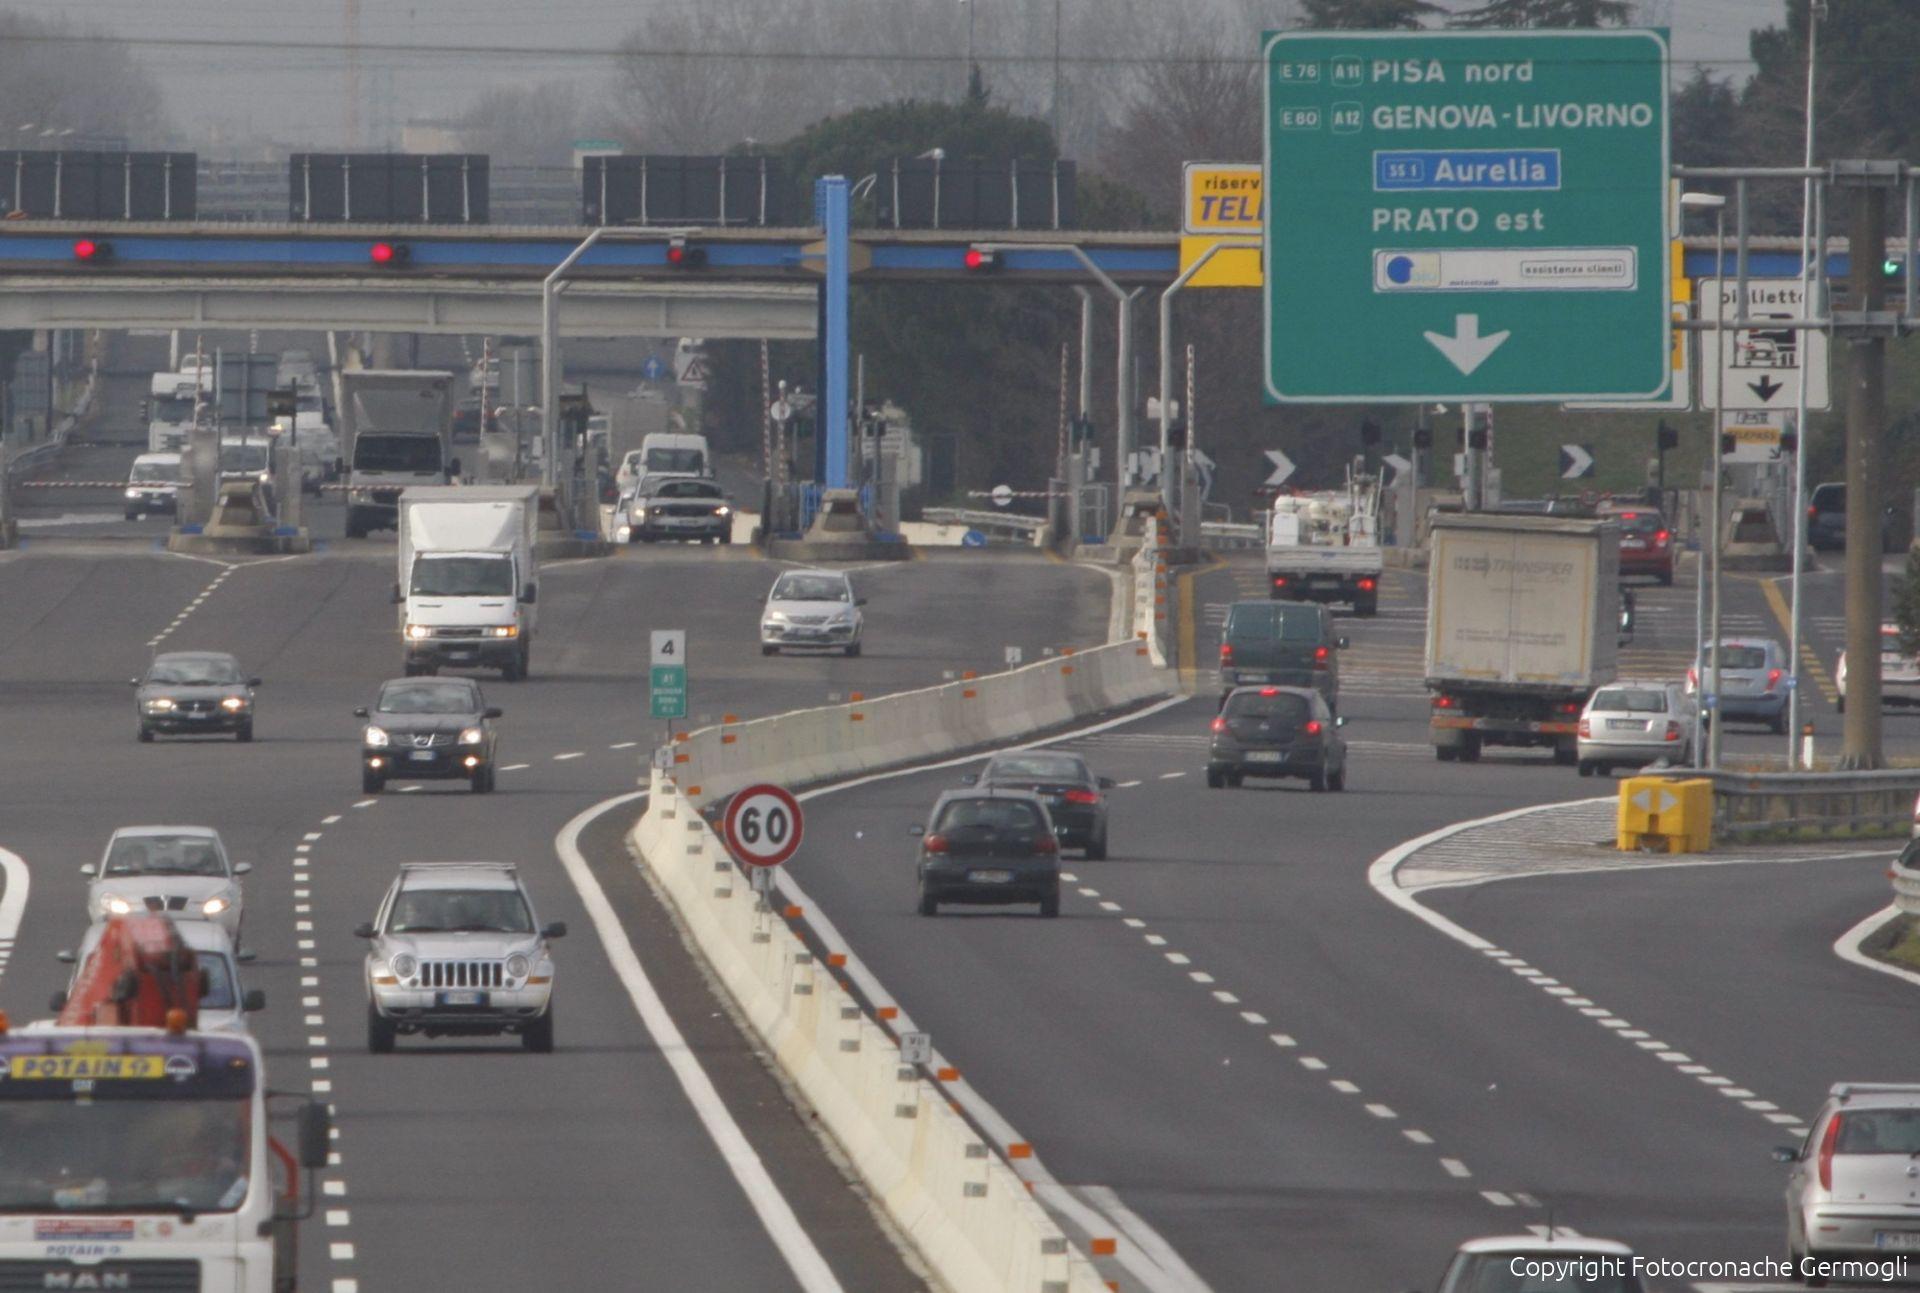 A1, due notti di chiusura per Firenze Scandicci - 055firenze